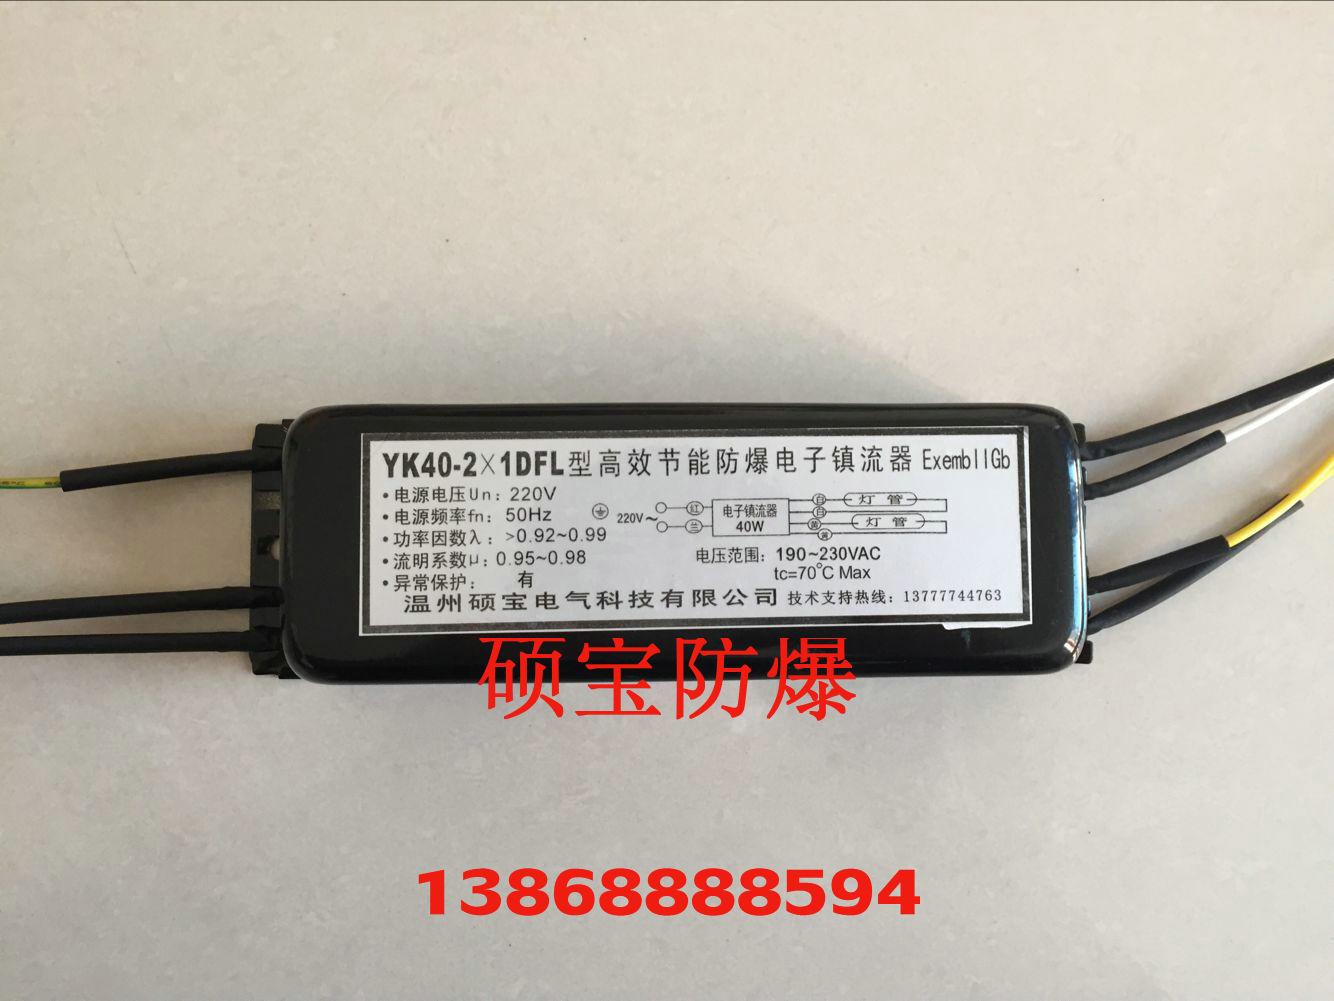 yk40-2dfl型高效节能荧光灯防爆电子镇流器